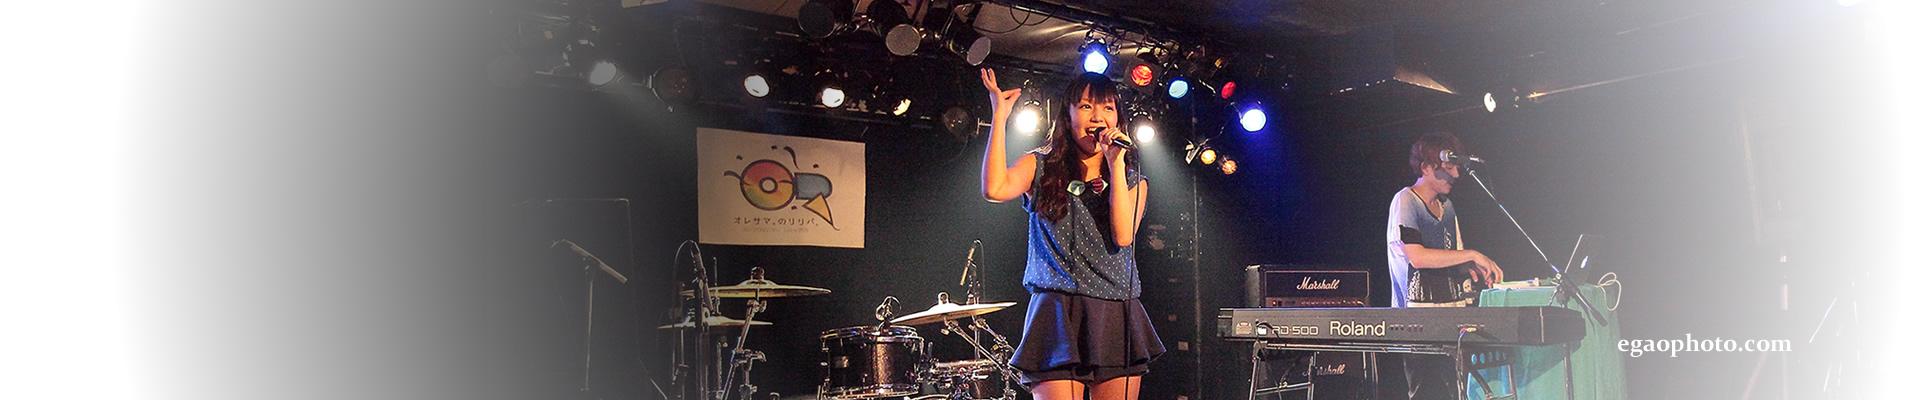 笑顔とありがとうの写真サイト:Smile and Thanks Picture~egaophoto